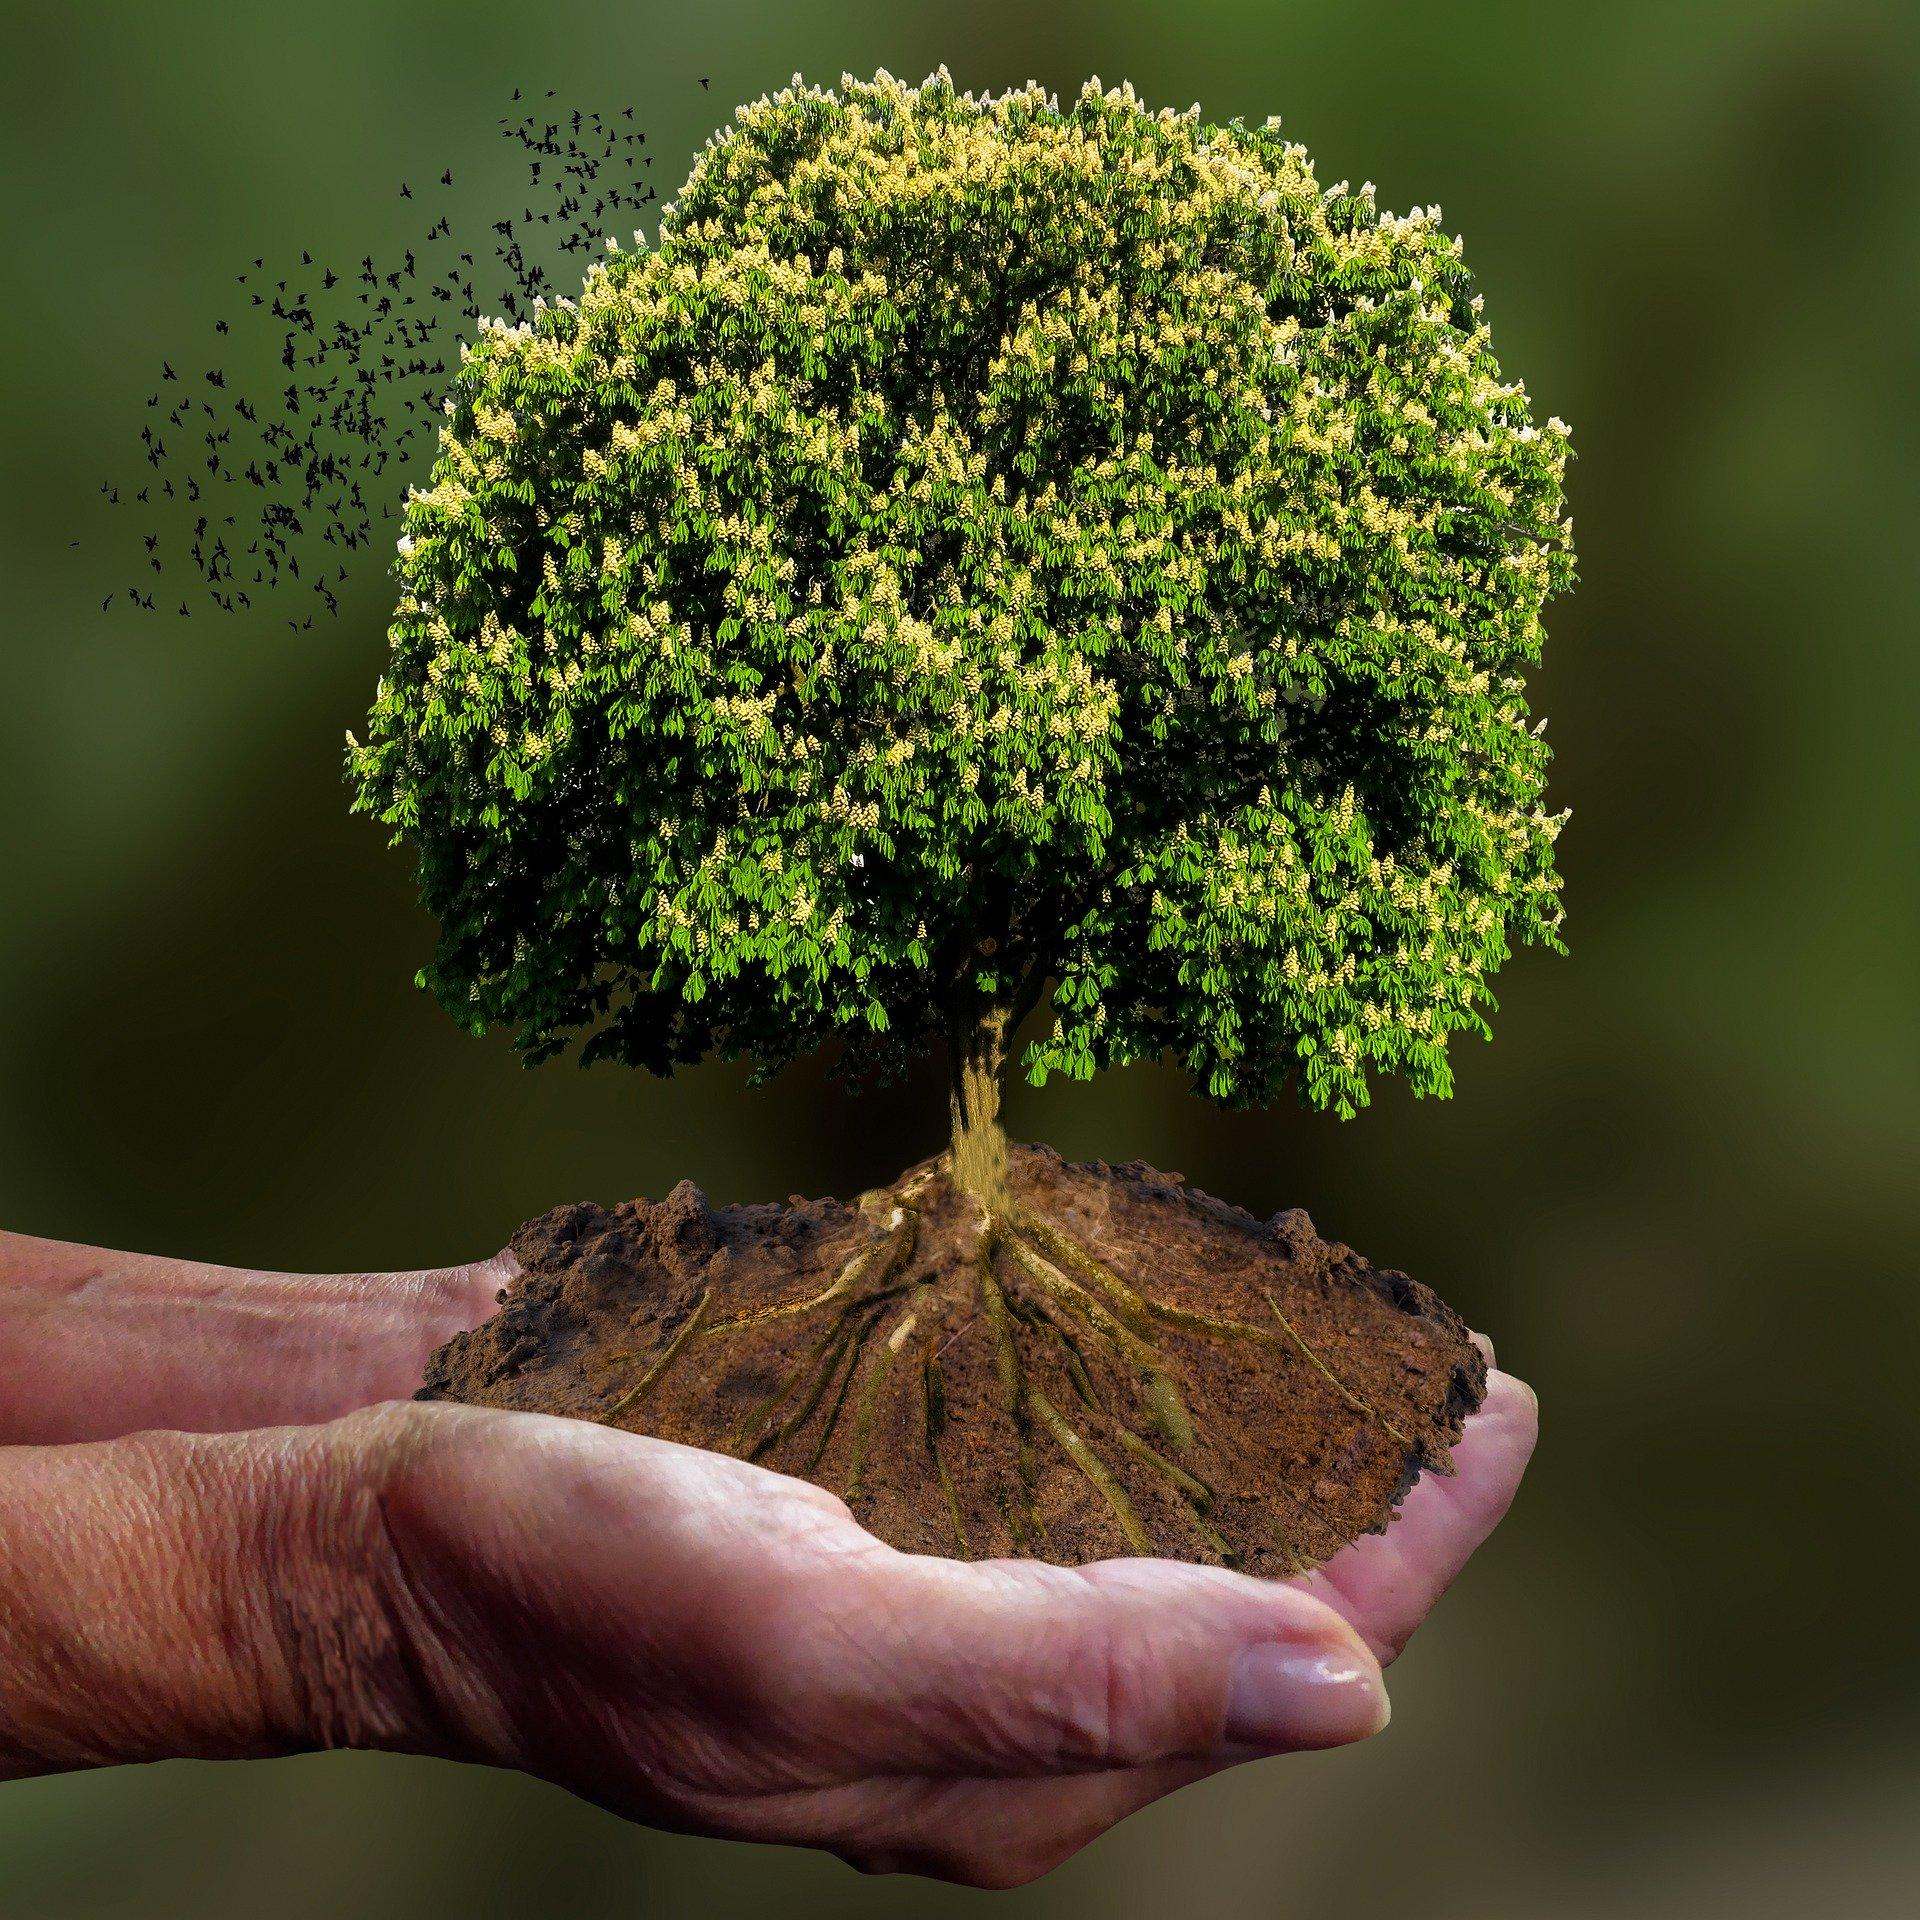 Klima-Vorbehalt! ABGELEHNT!